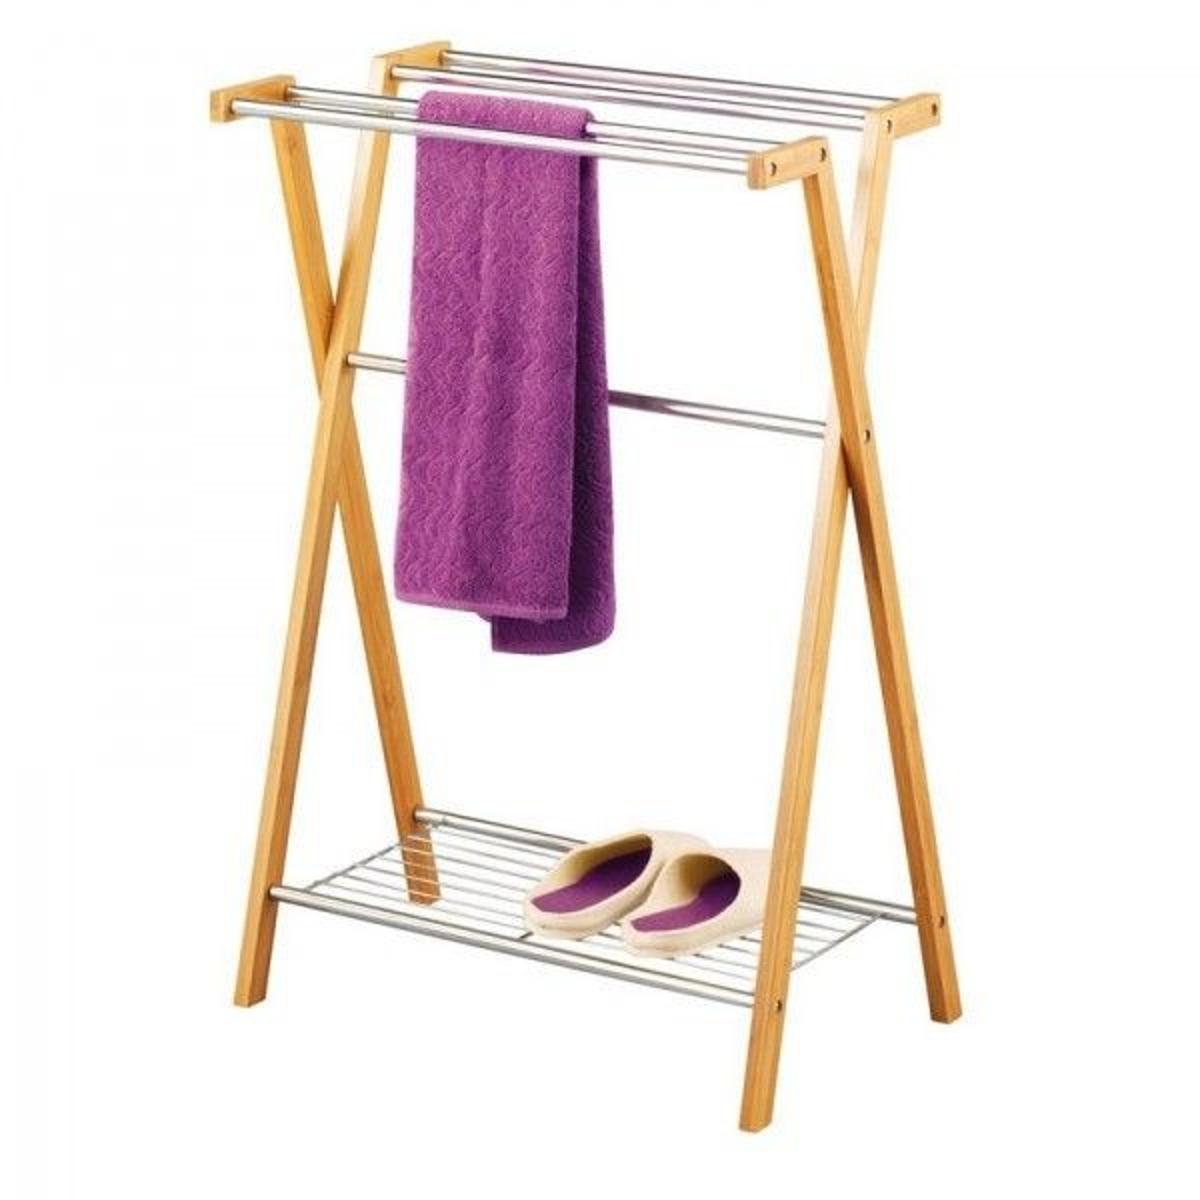 Porte-serviettes sur pied bambou  chromé zeller